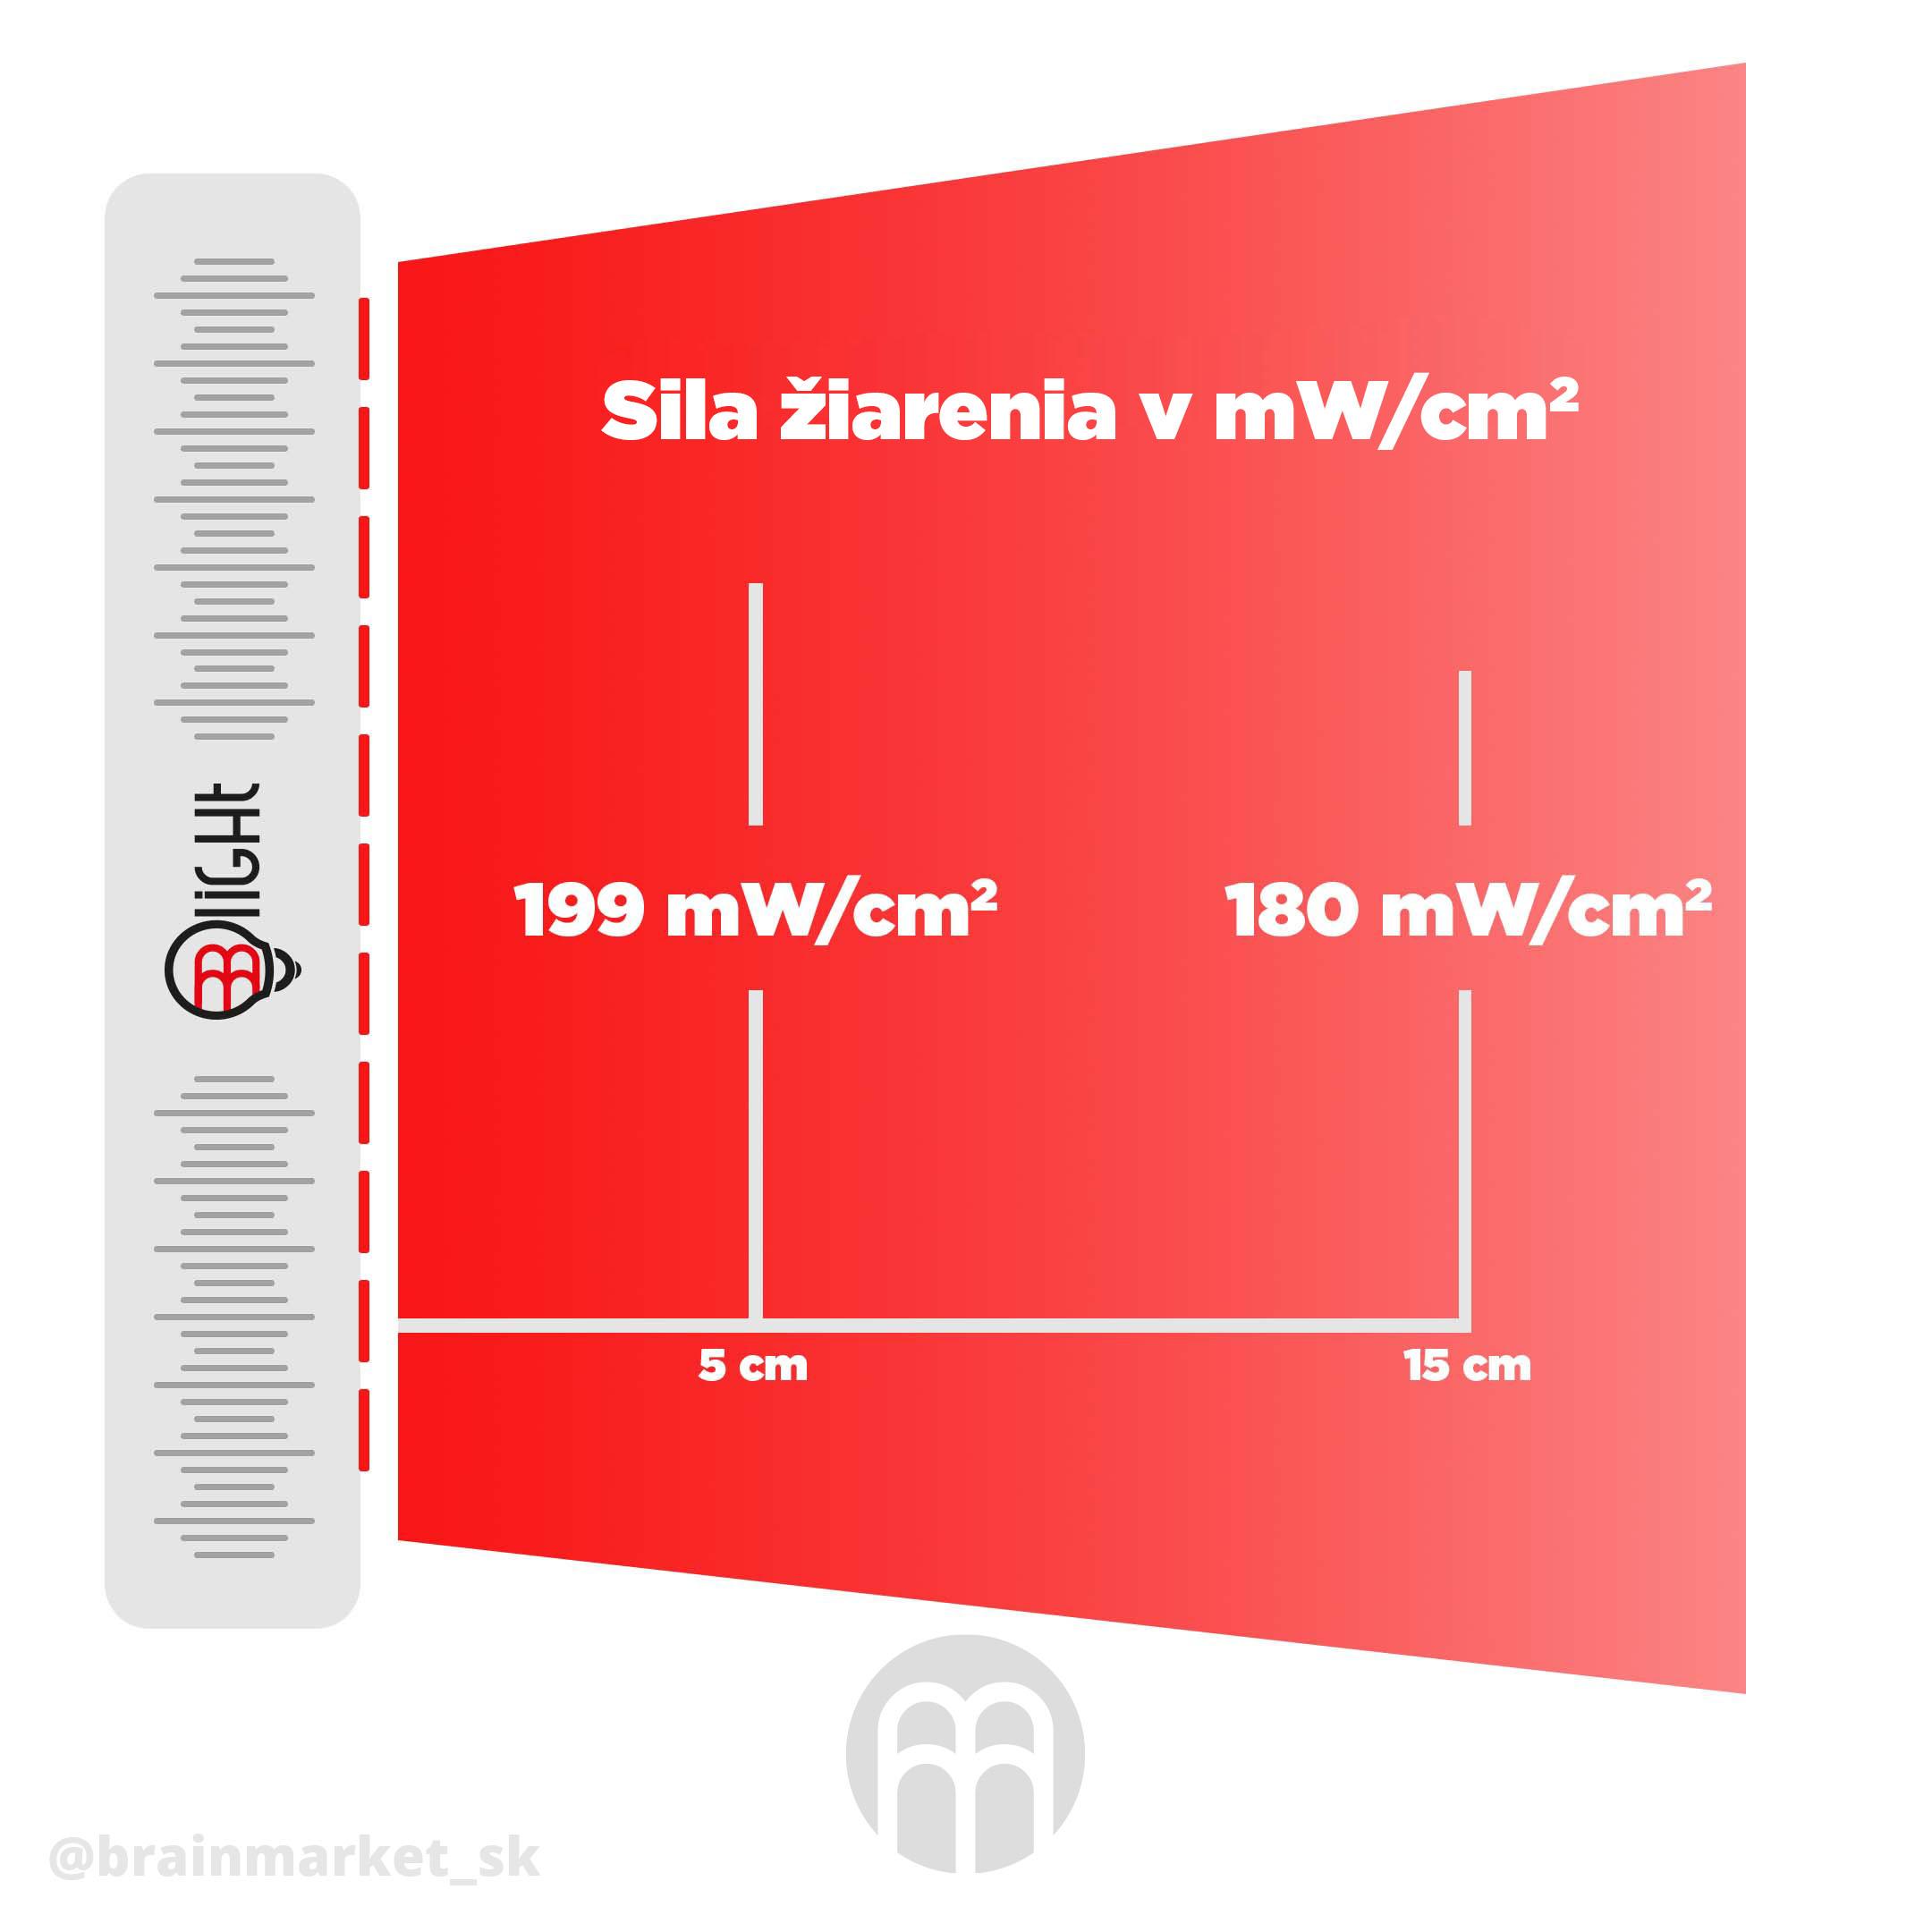 sila-zareni-blight-panel-infografika-brainmarket-sk